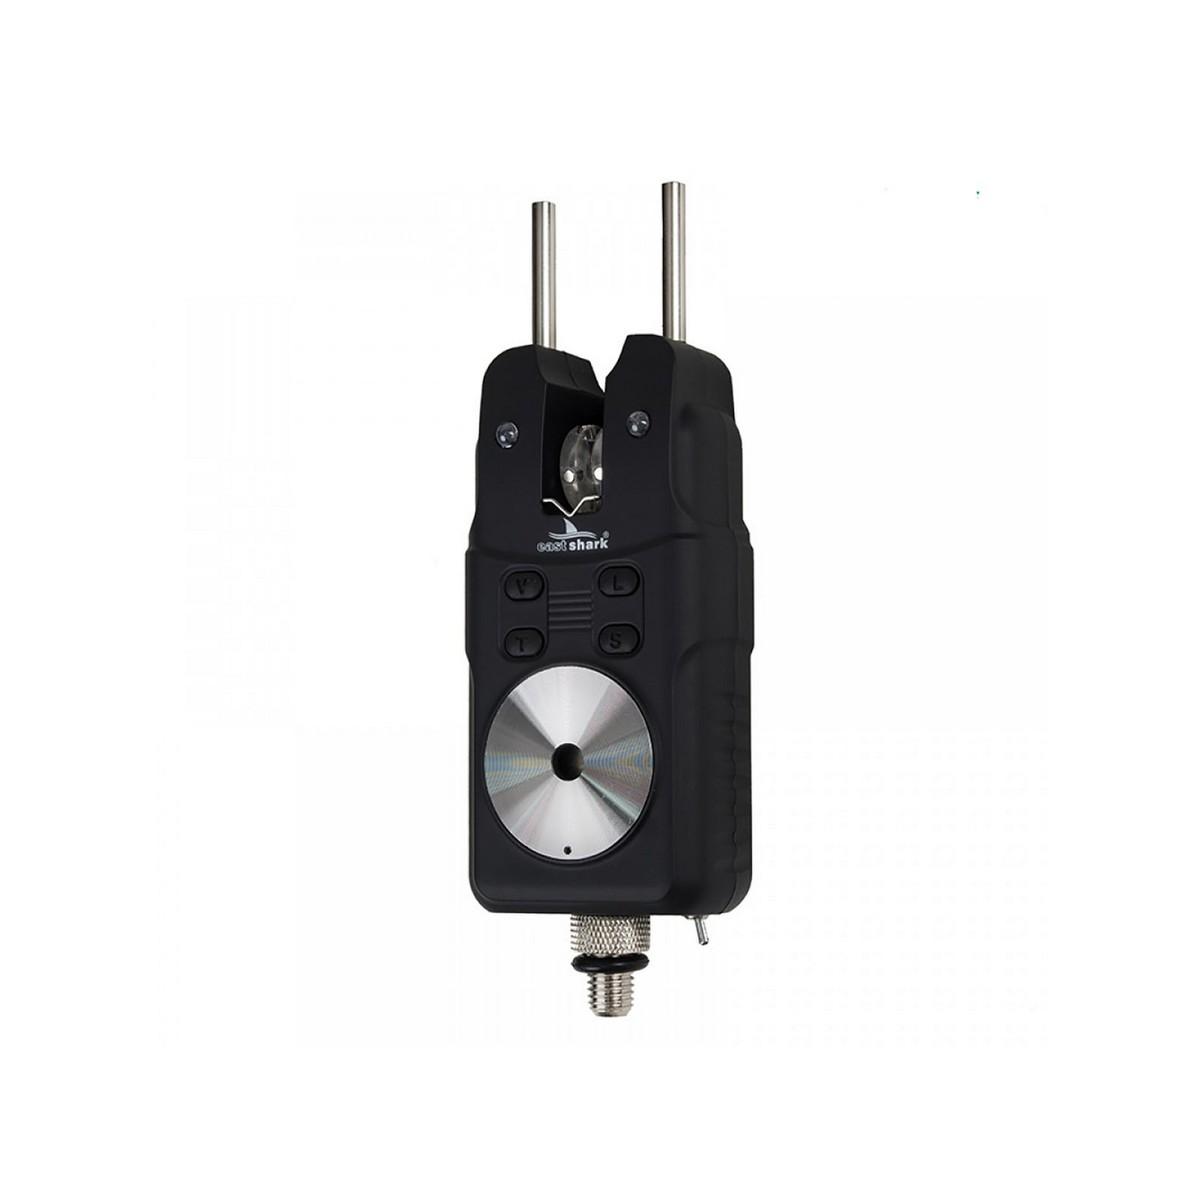 Комплект безжични сигнализатори EASTSHARK SP-01 (4+1)